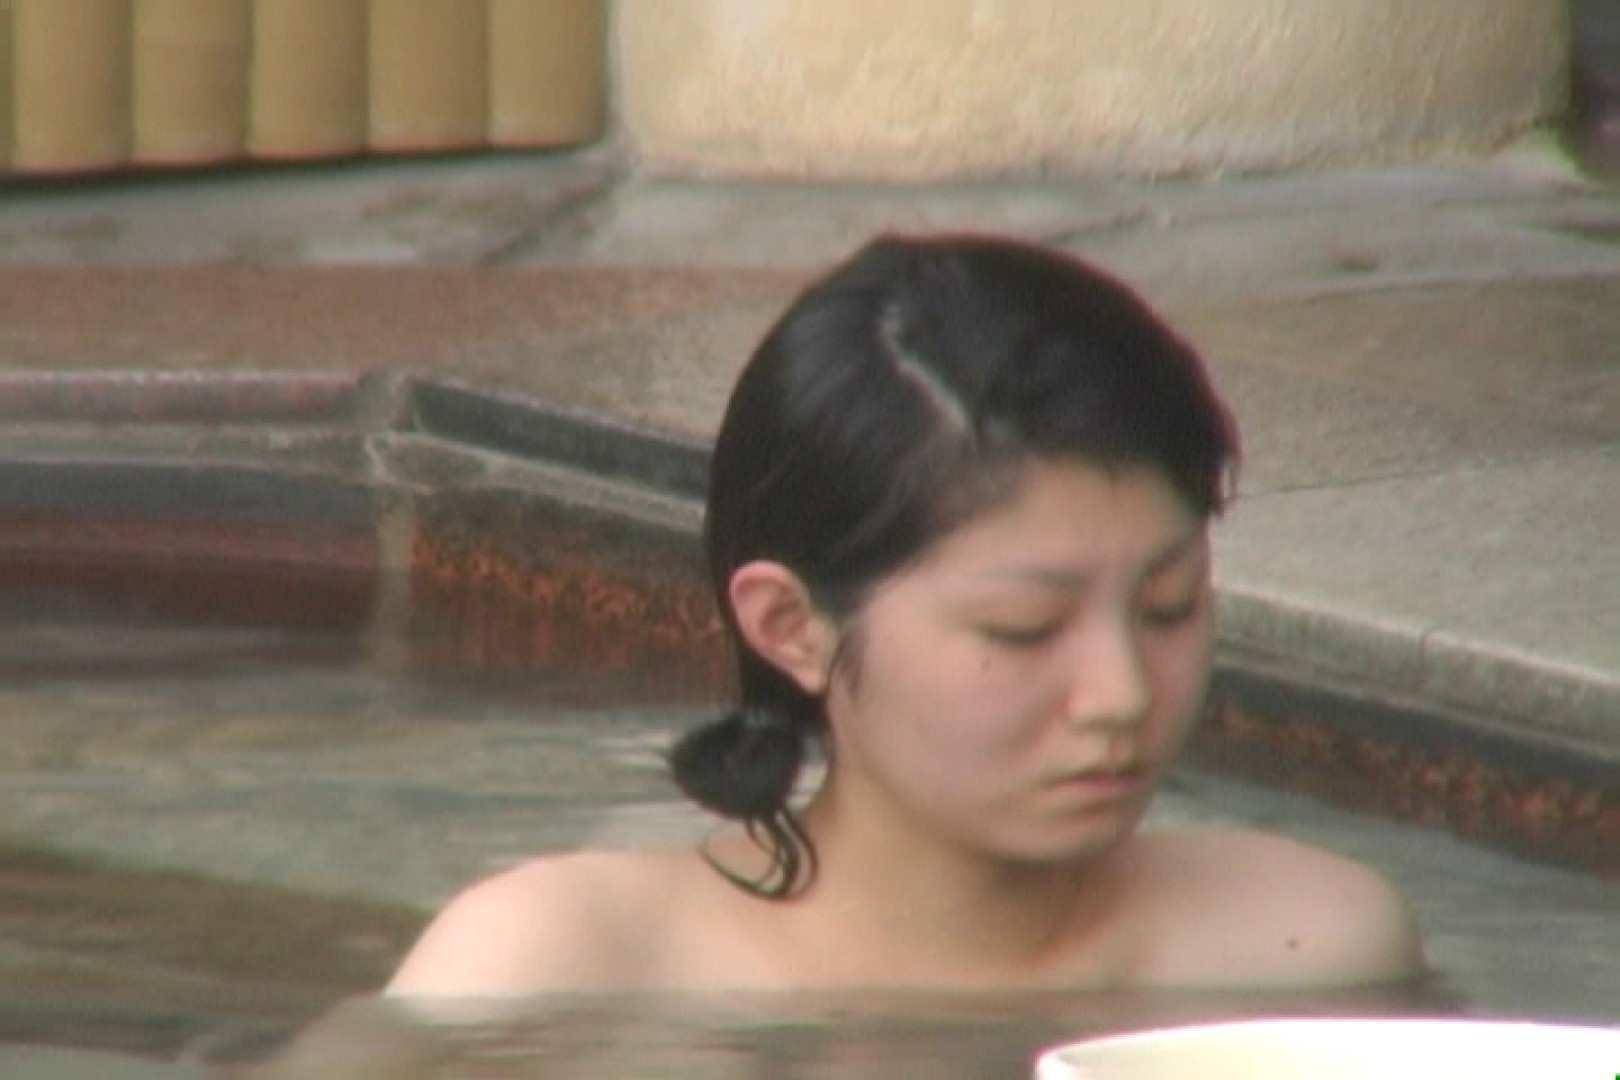 Aquaな露天風呂Vol.579 女体盗撮 隠し撮りオマンコ動画紹介 72連発 59